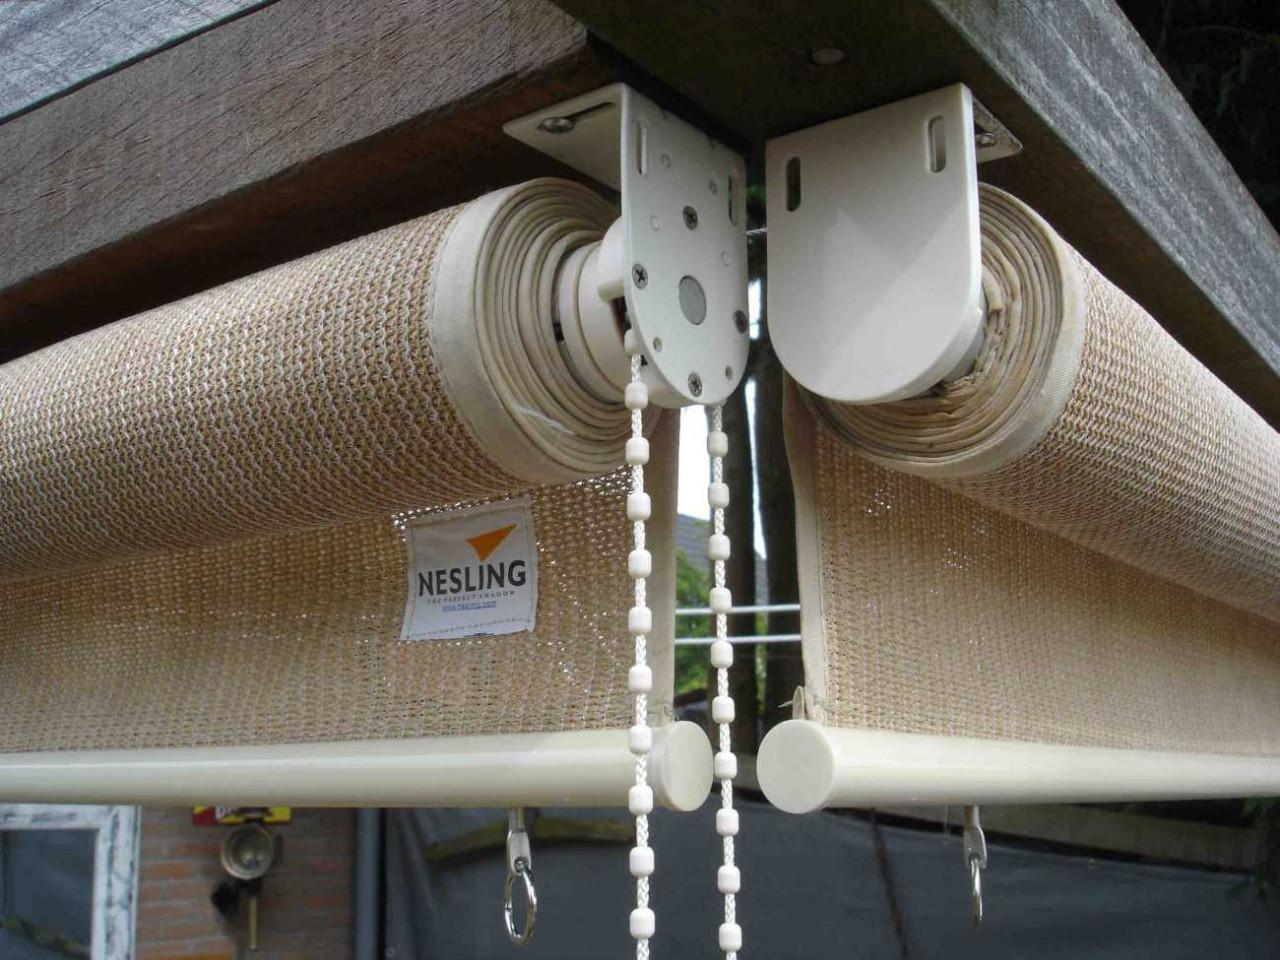 Nesling Rollo 148 cm Außenrollo, Sonnenschutz, Sichtschutz, Balkonrollo